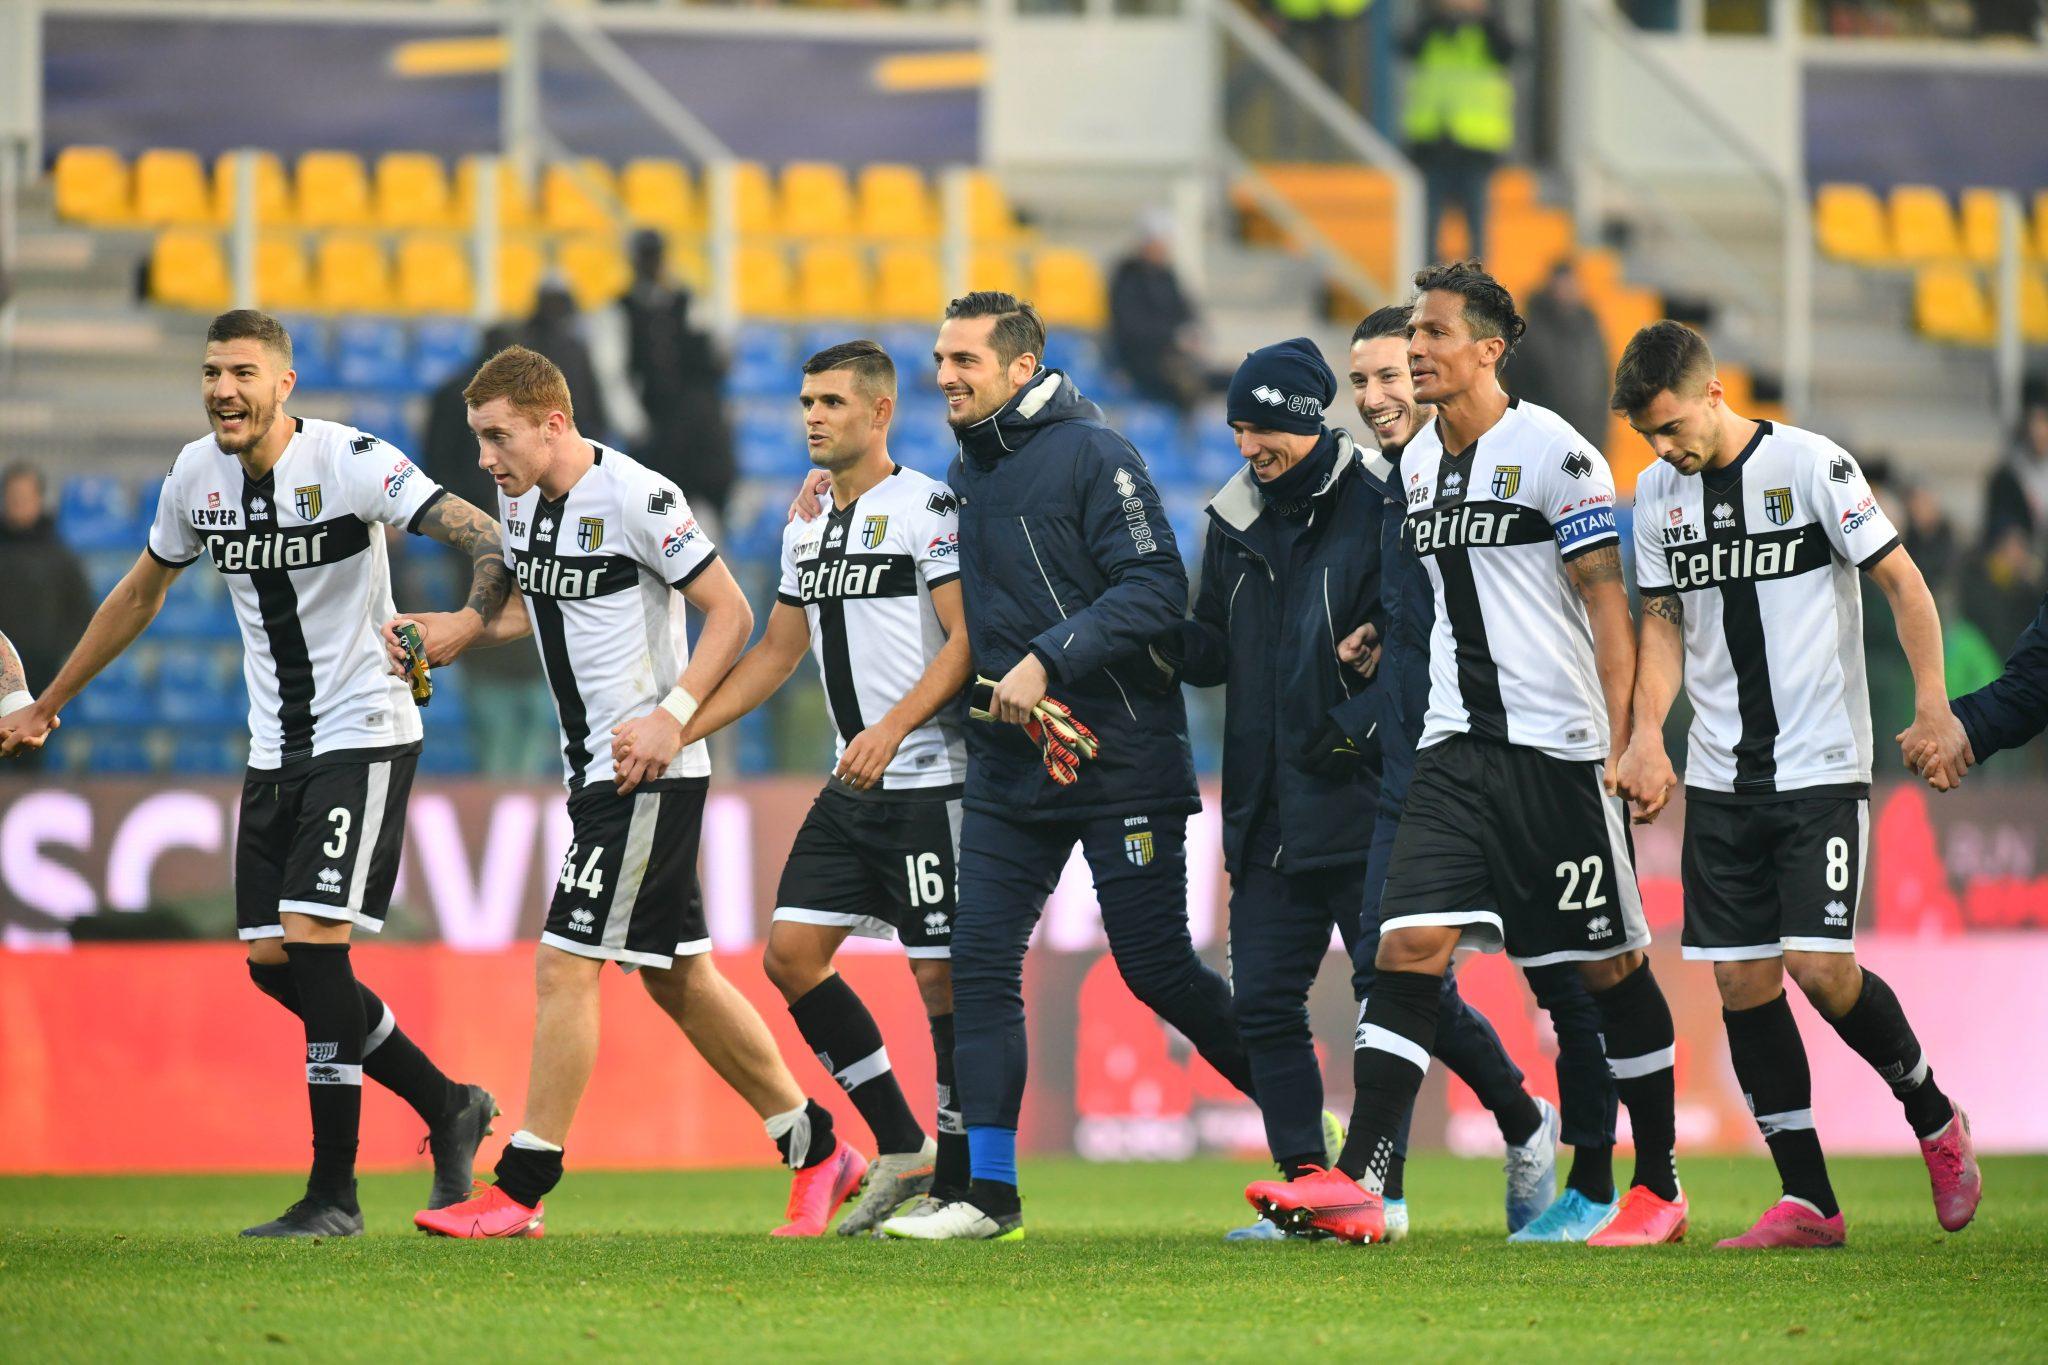 Parma Calcio 2020 la squadra festeggia la vittoria 2-0 contro l'udinese